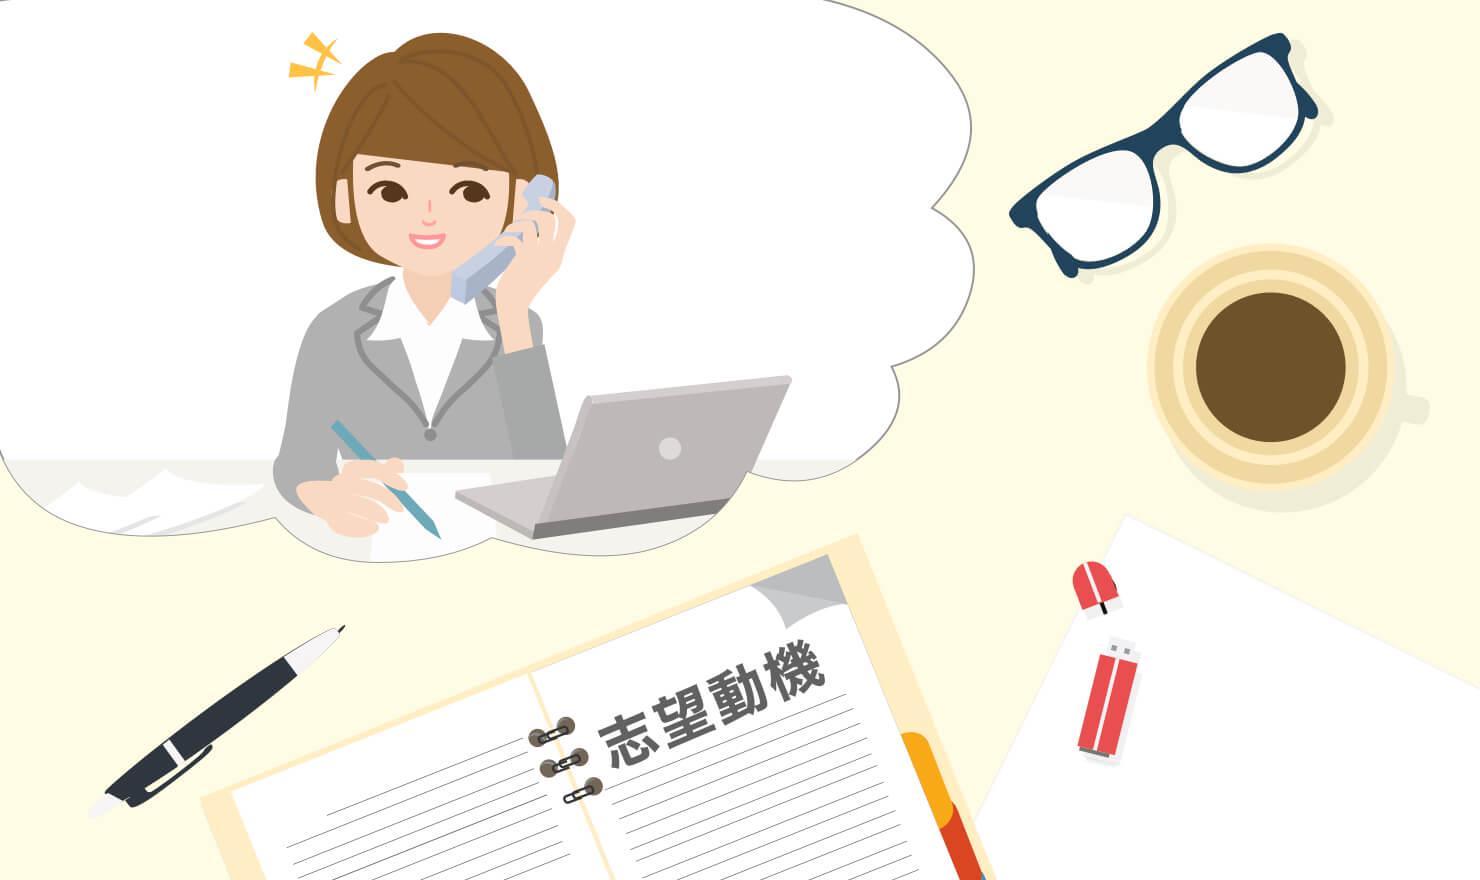 事務職になるための志望動機を考える女性